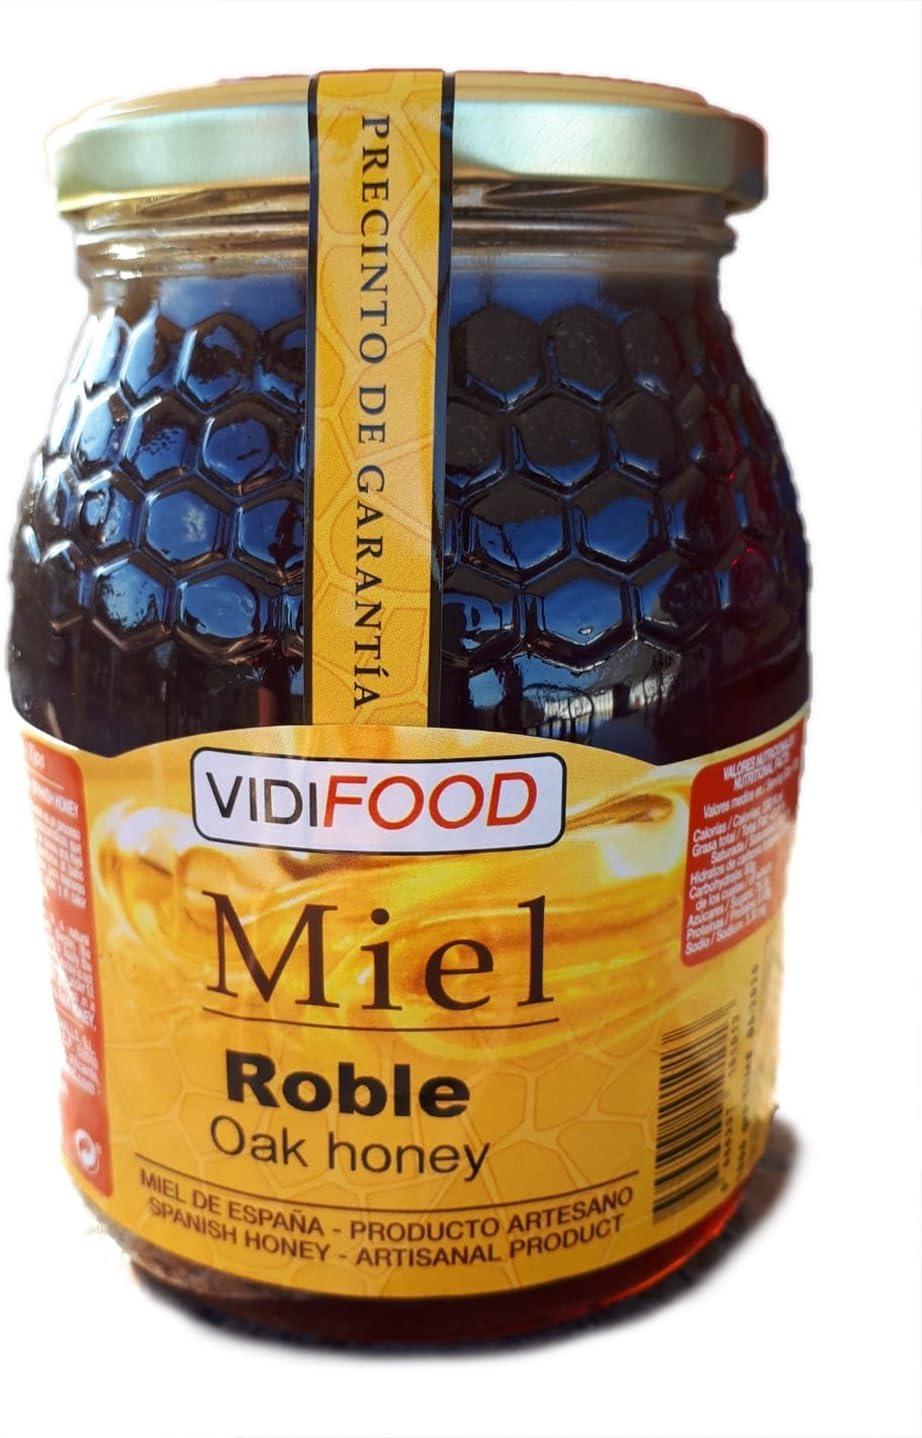 Miel de Roble - 1kg - Producida en España - Tradicional & 100% pura - Aroma Floral y Sabor Rico y Dulce: Amazon.es: Alimentación y bebidas